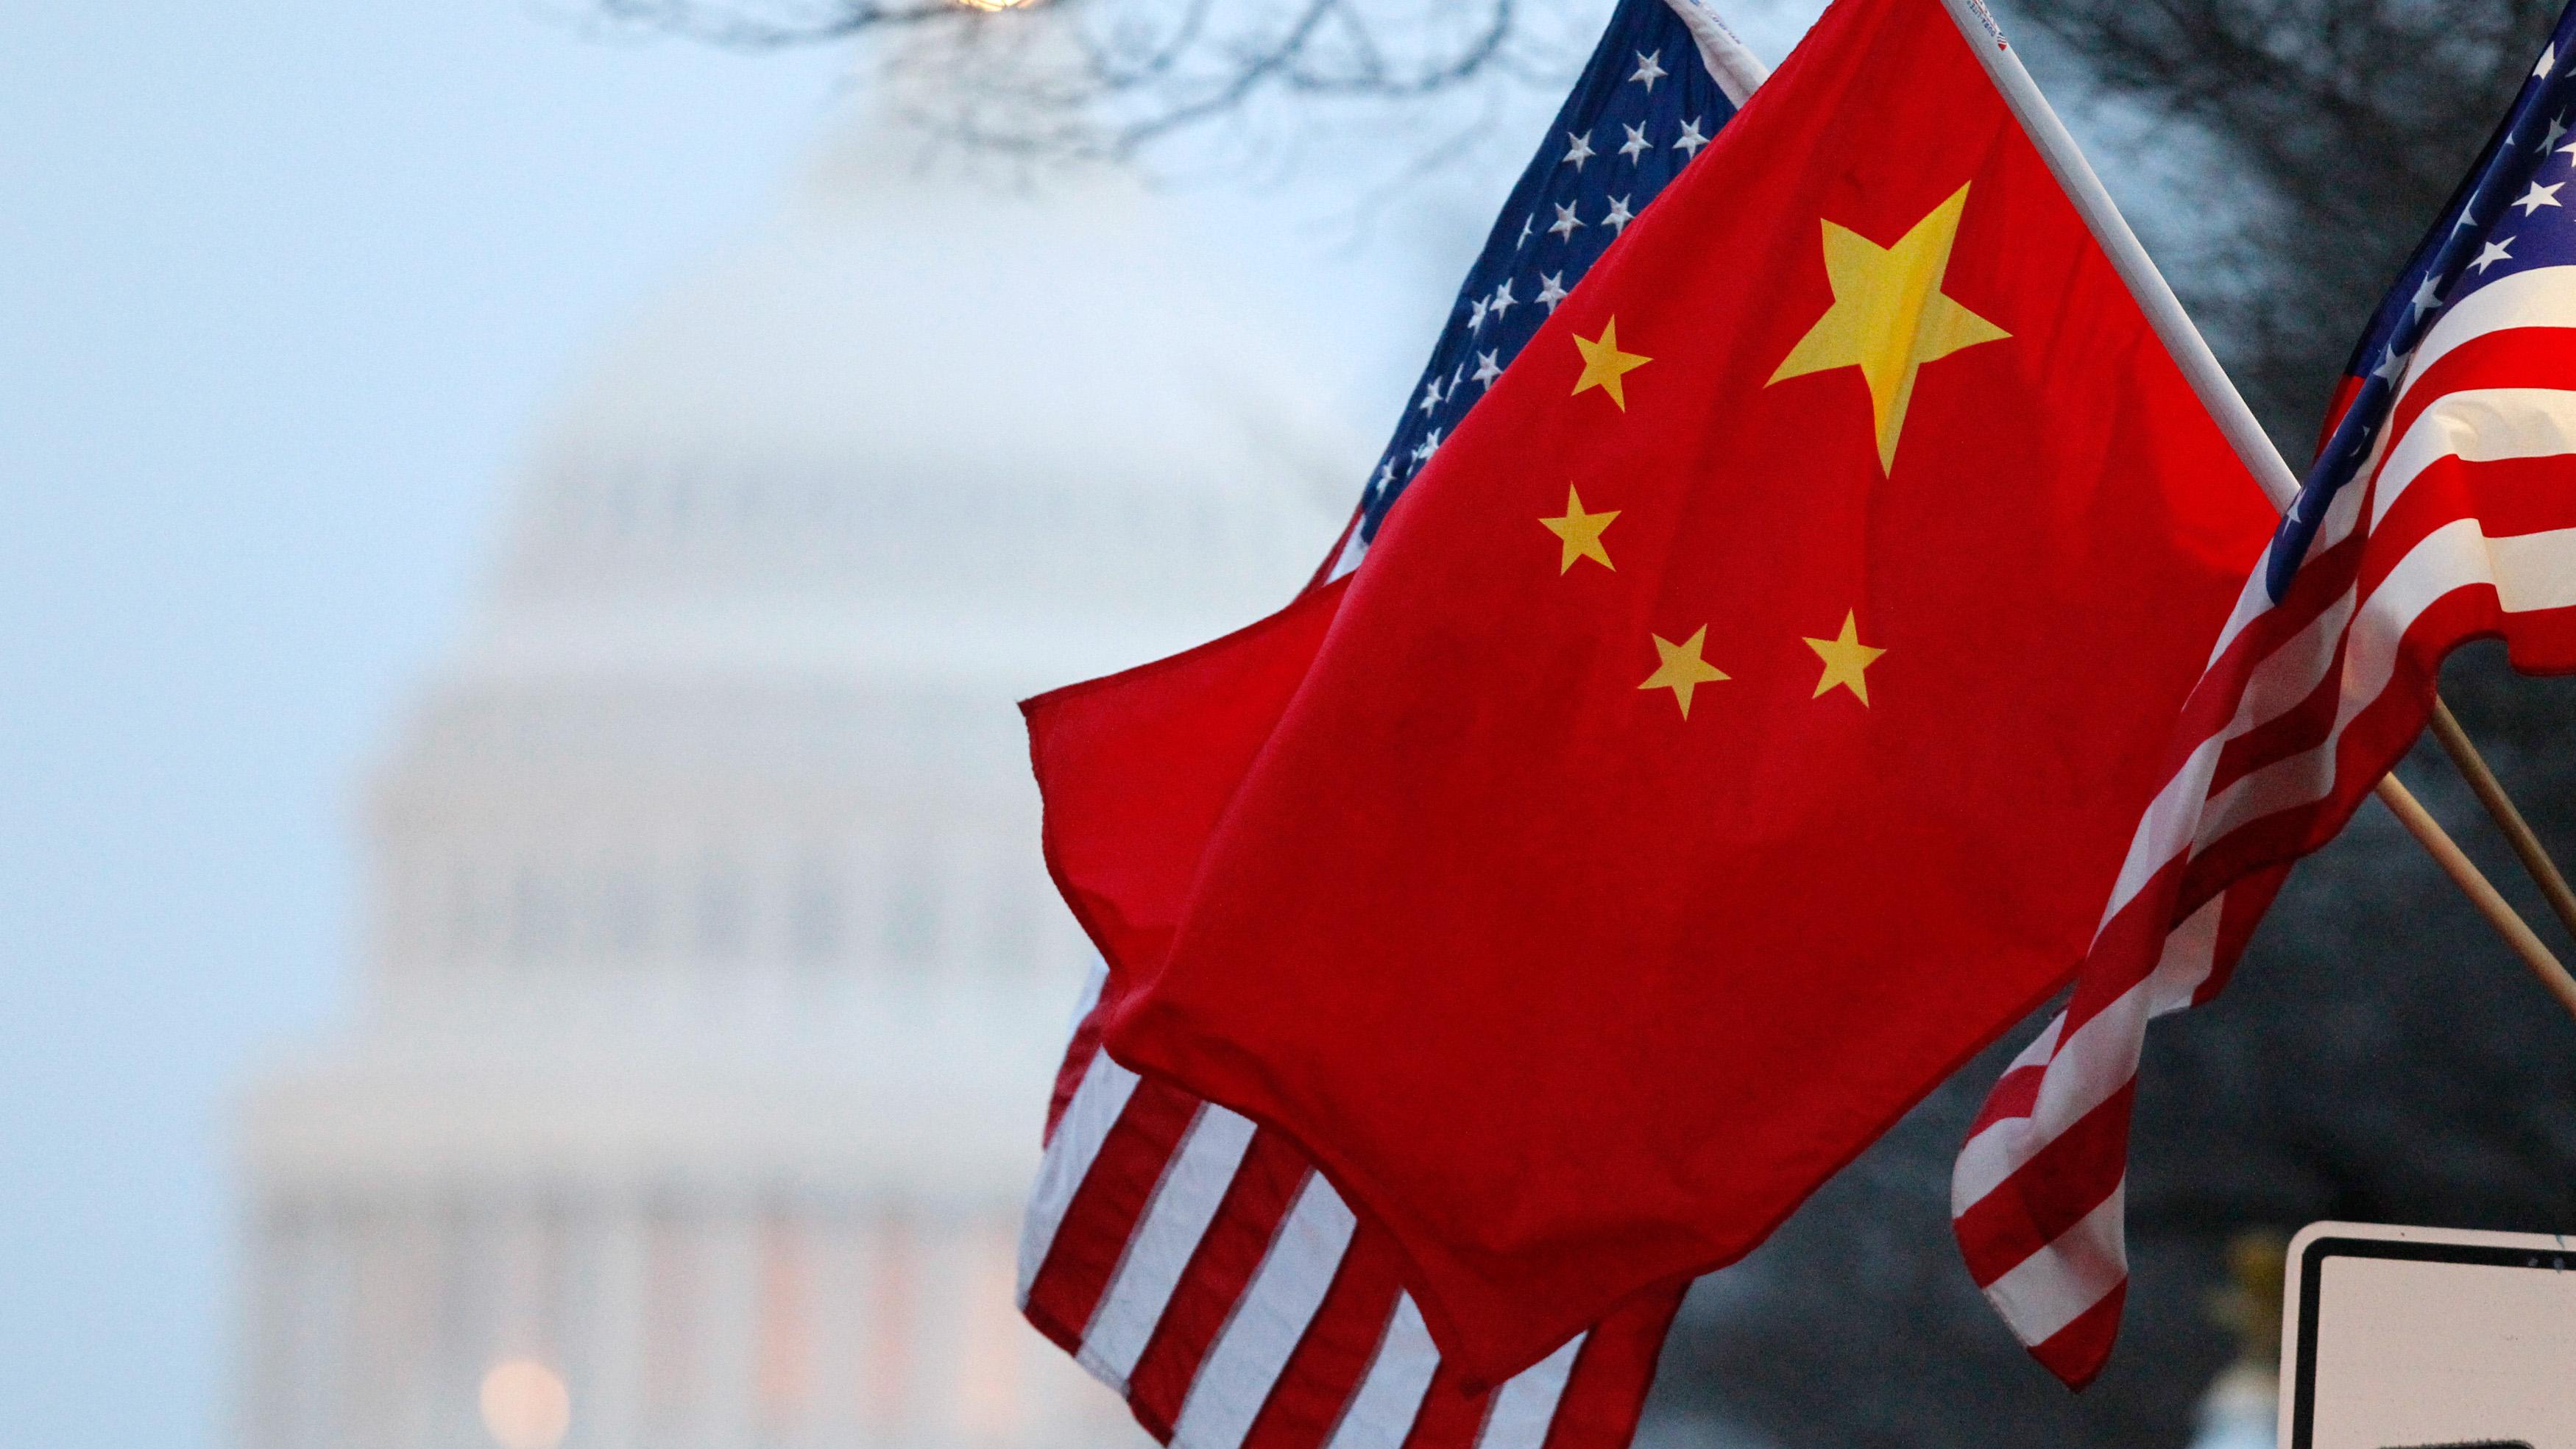 واشنطن ترجئ فرض رسوم جديدة على واردات صينية الى غاية 15 دجنبر